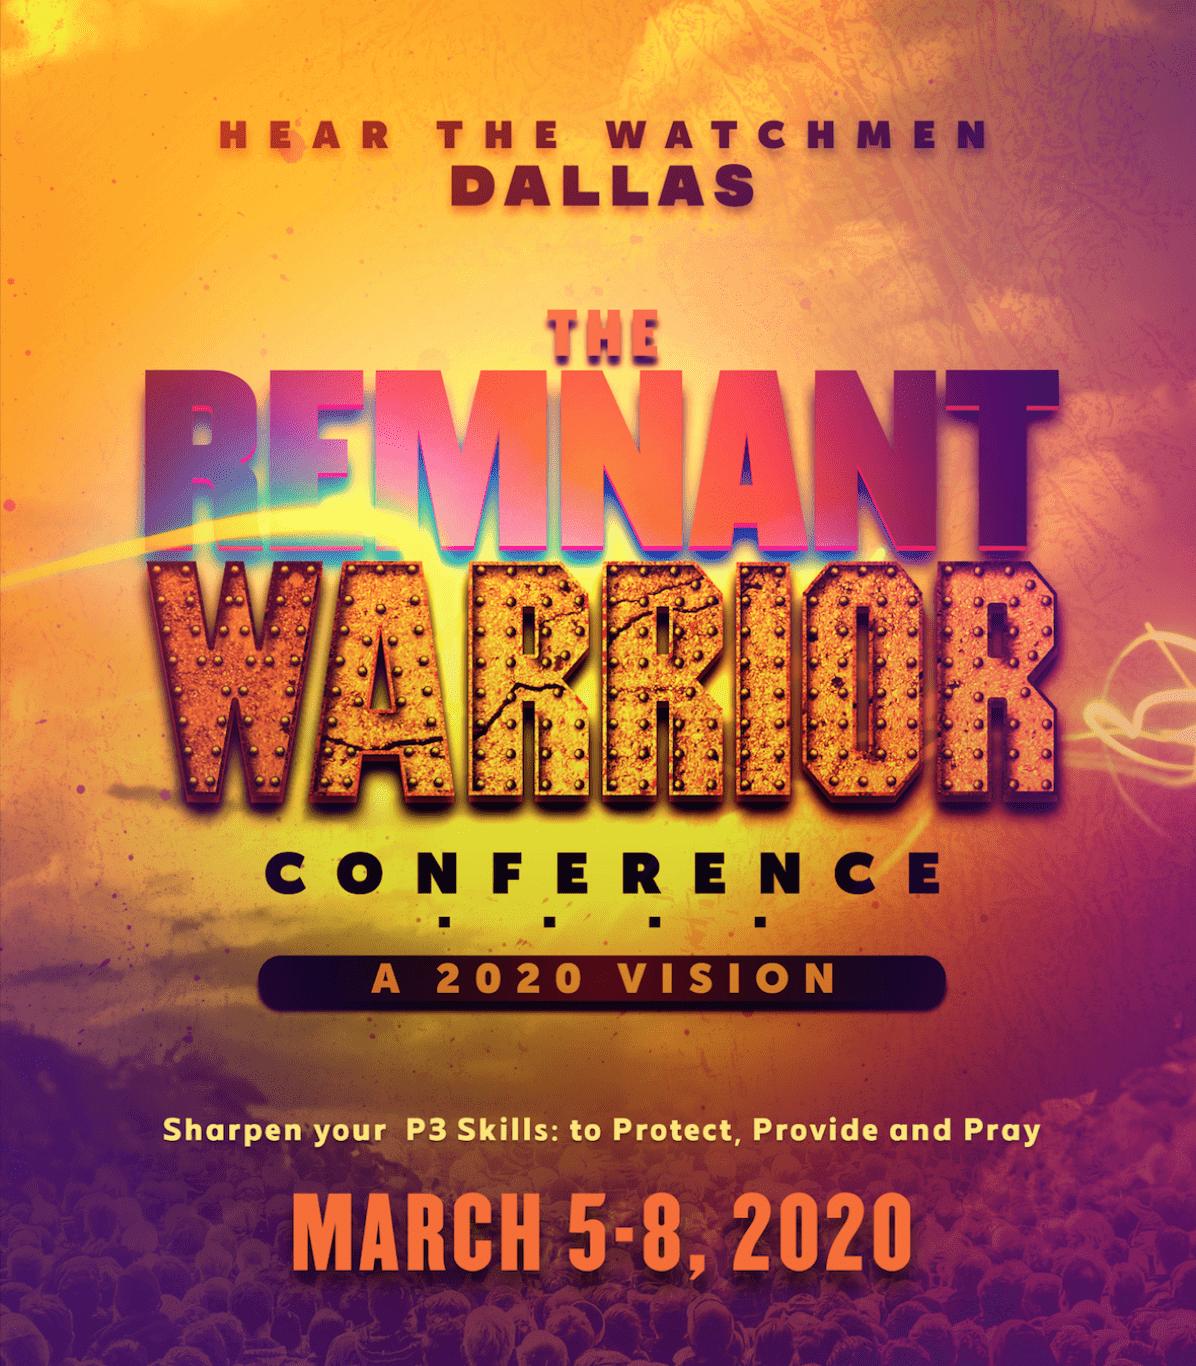 Hear the Watchmen – Dallas